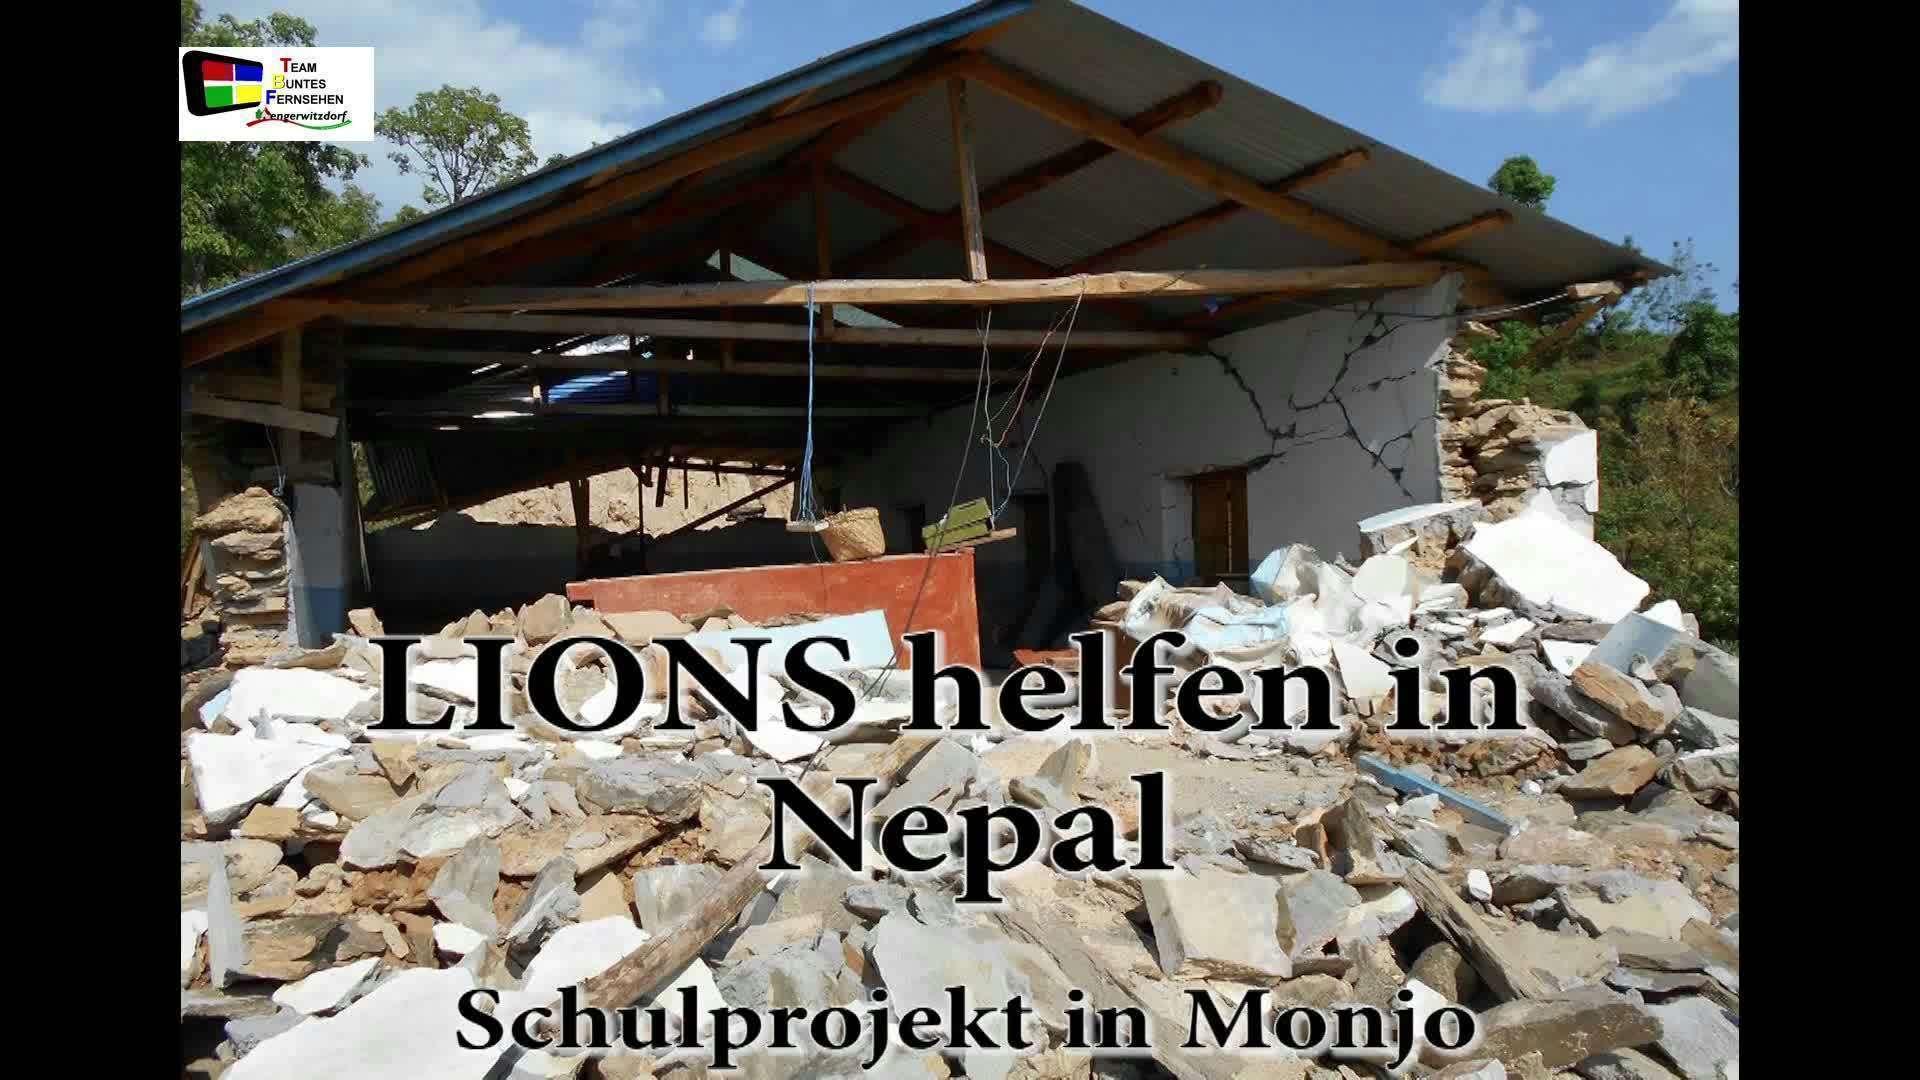 Lions helfen in Nepal